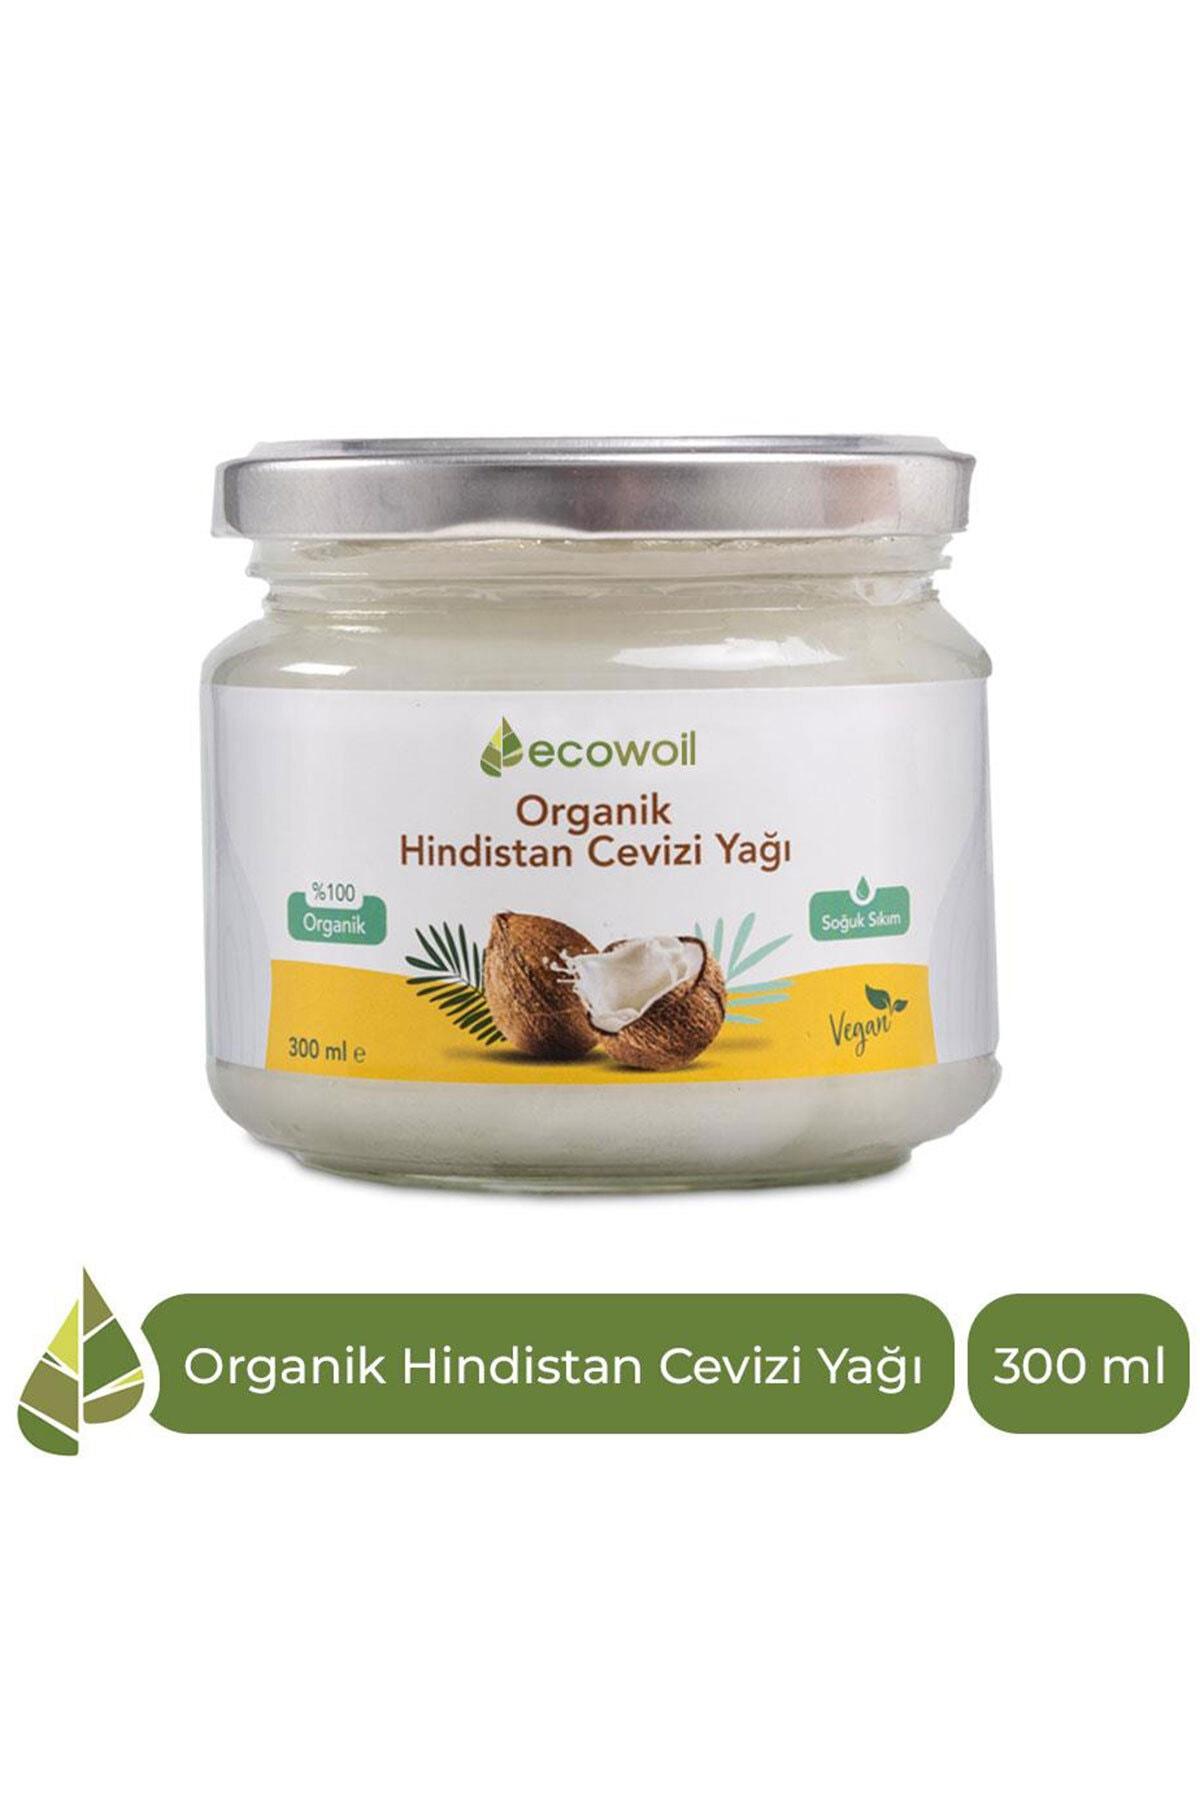 Organik Hindistan Cevizi Yağı 300ml